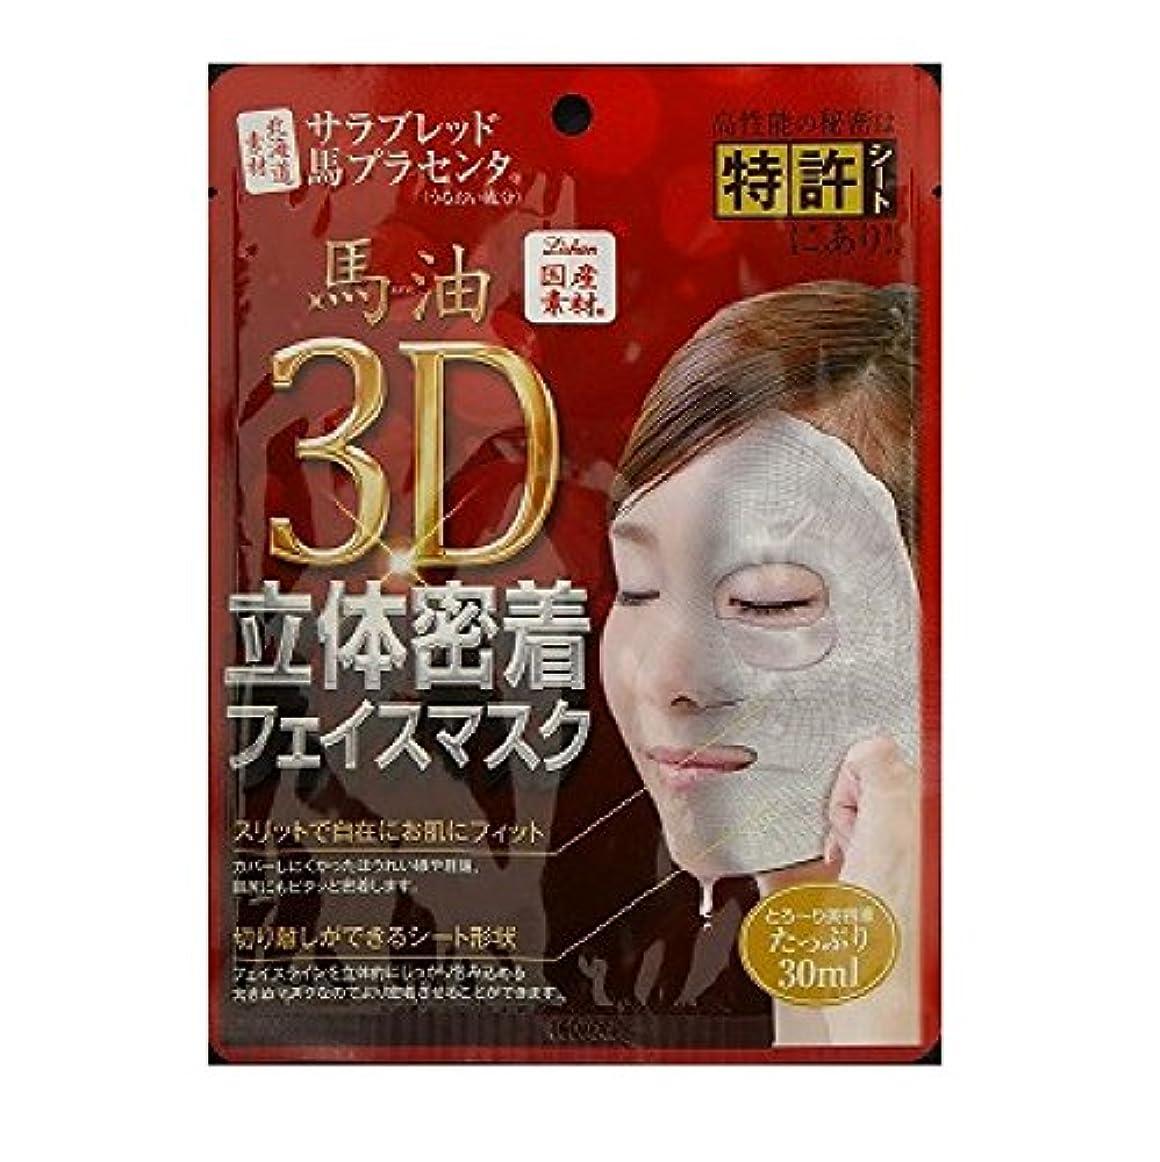 スクラッチ感謝している慎重にアイスタイル リシャン馬油3D立体密着フェイスマスク無香料 1枚入り